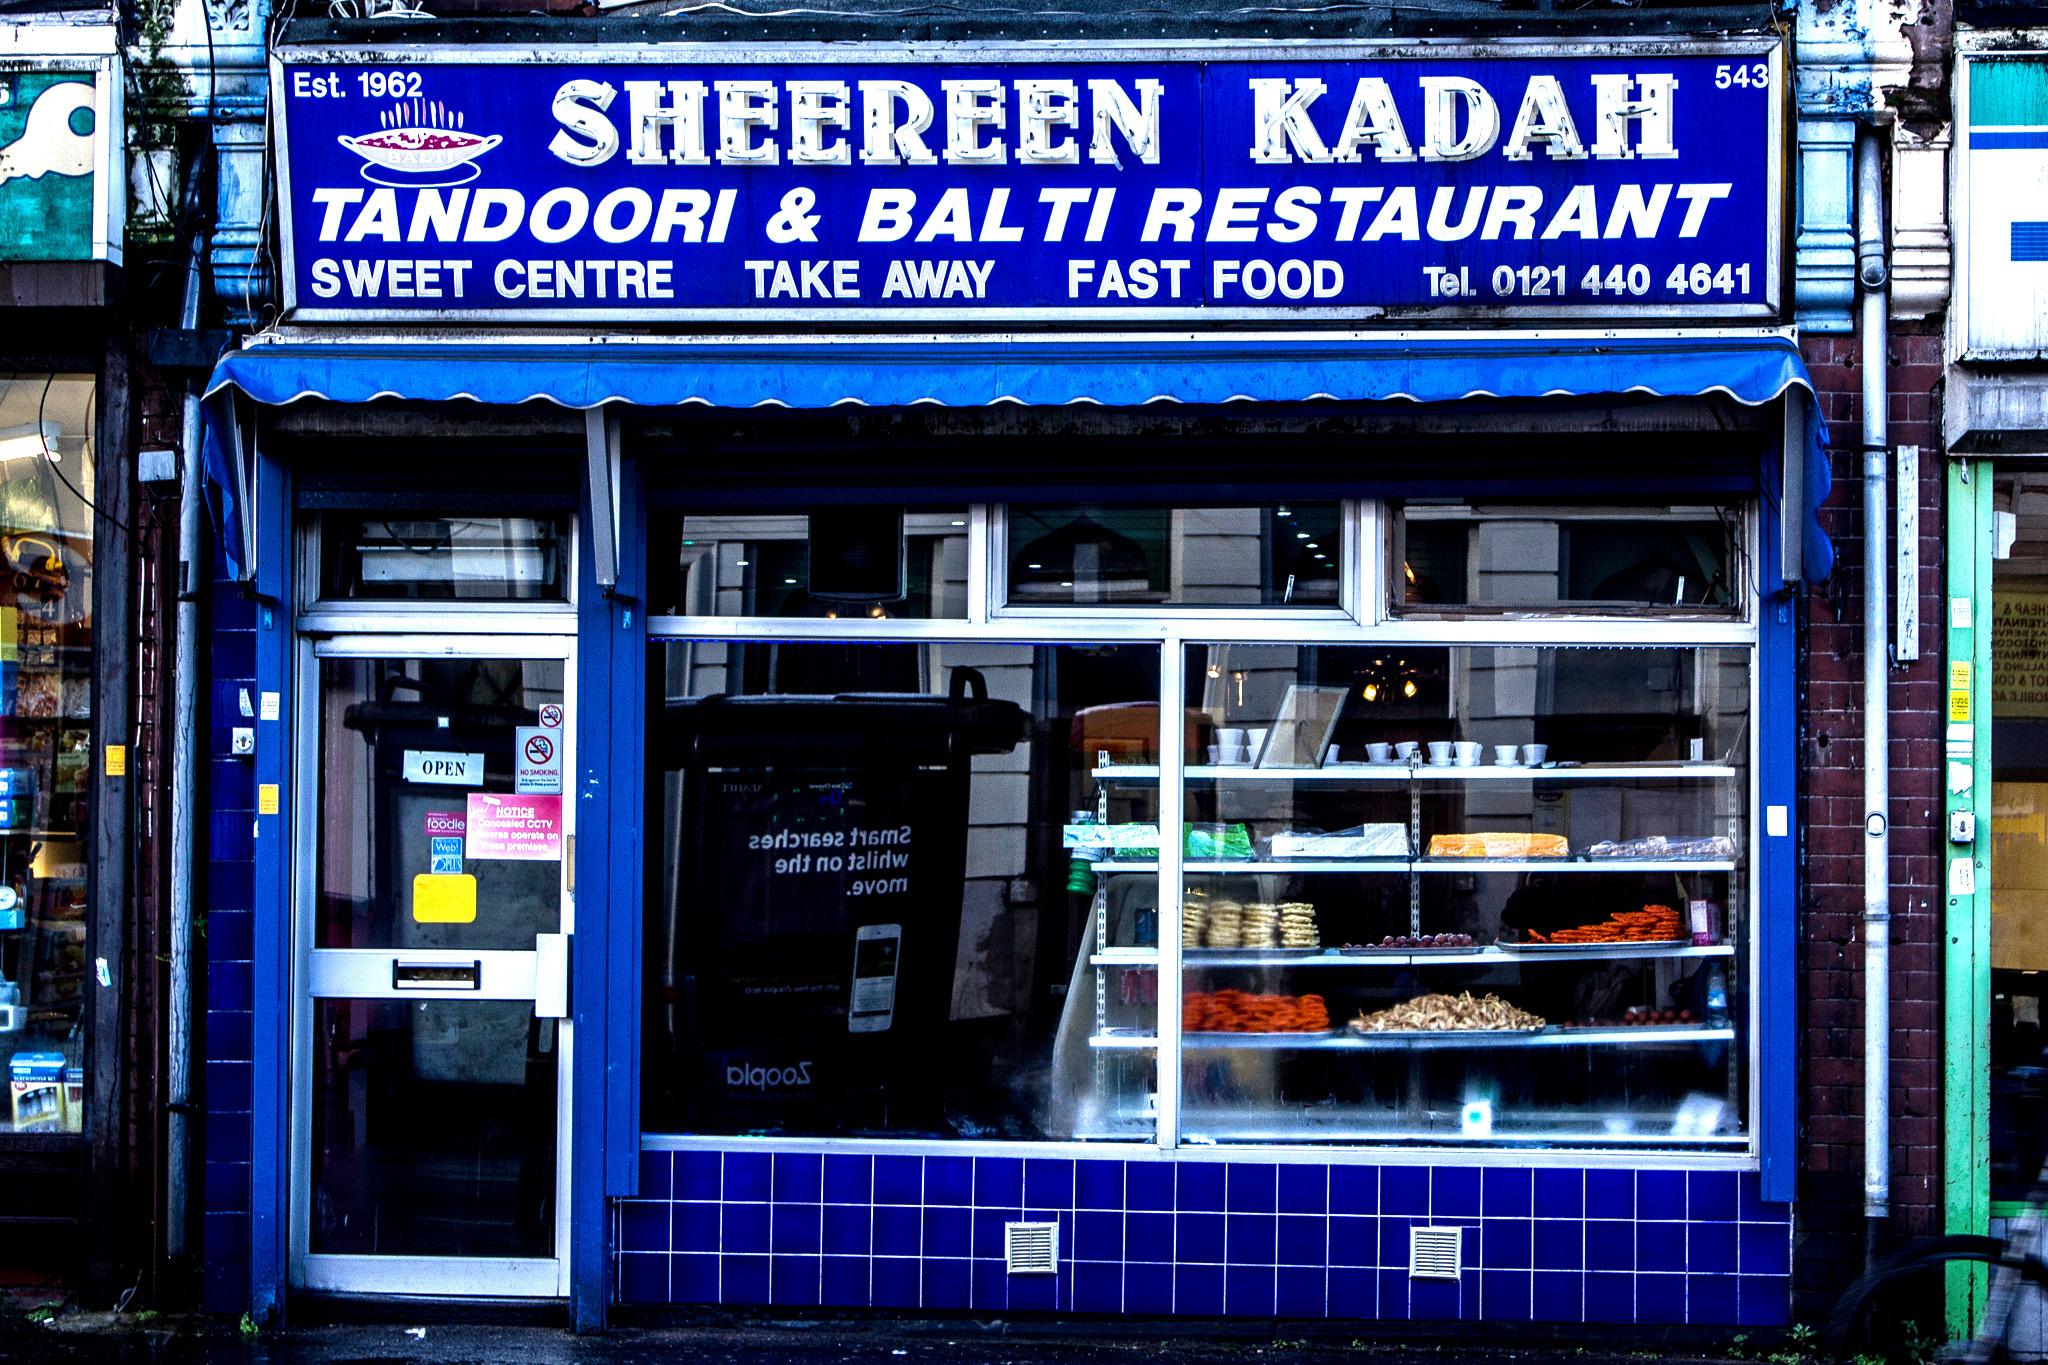 Sheereen Kadah